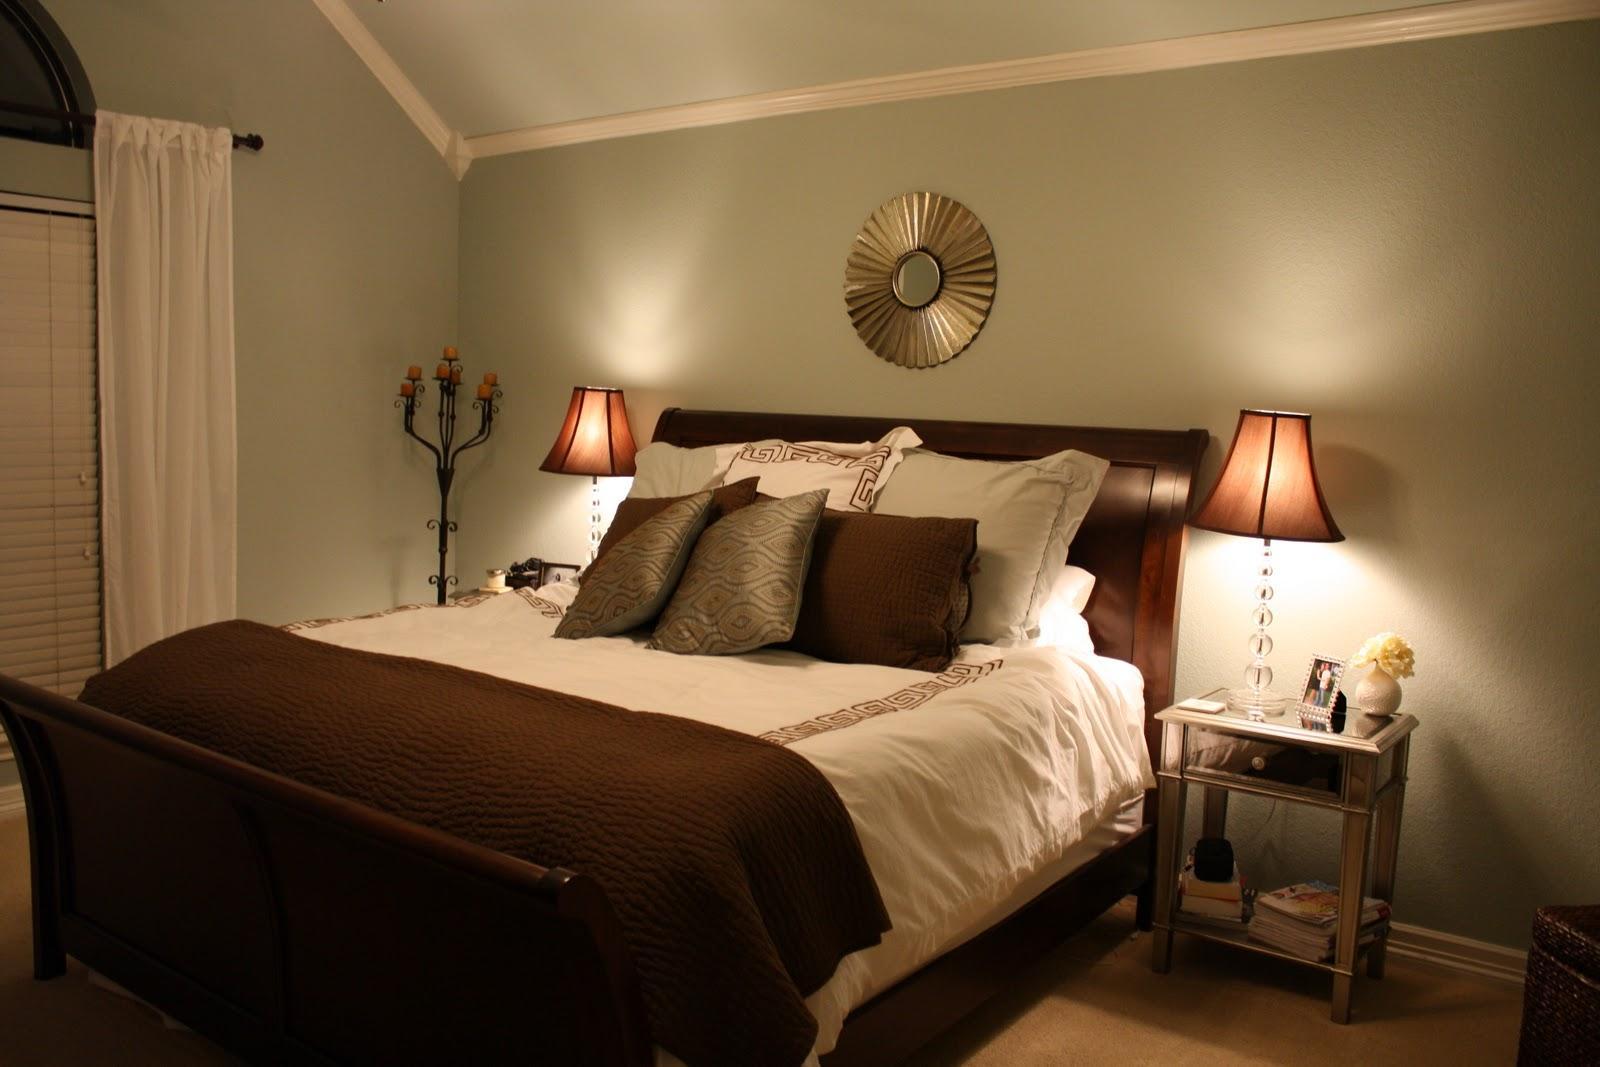 bedroom color behr Wonderful 20 Best Blue Green Paint Color Pictures Top Behr Paint  1067 X 1600